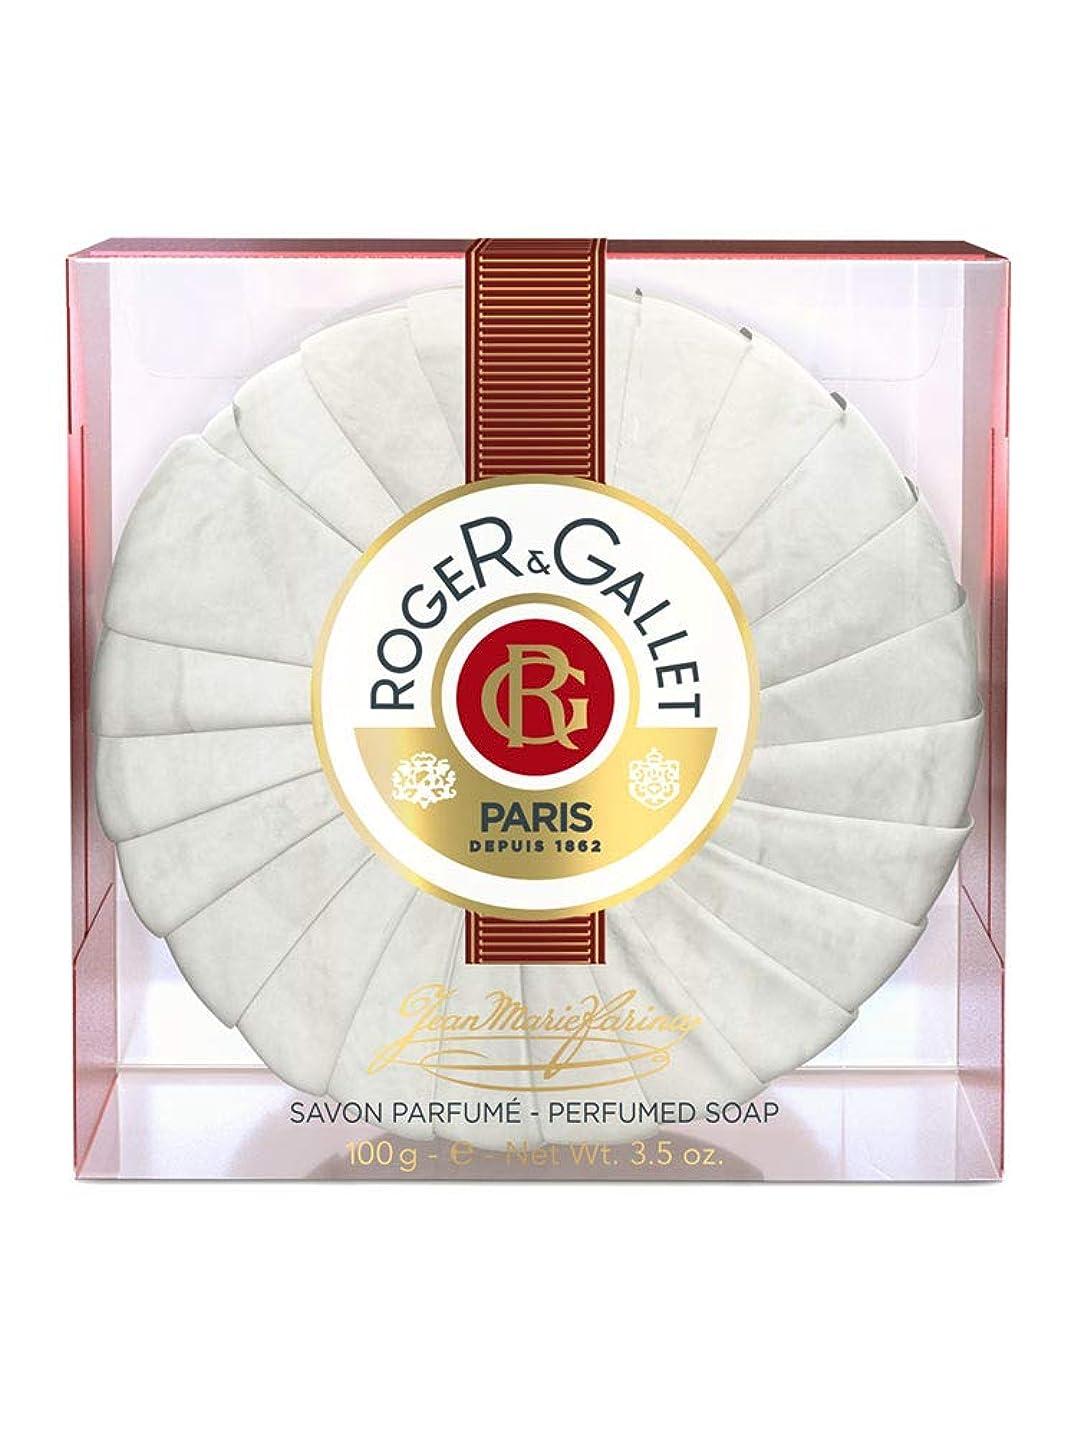 プレフィックス太いジュニアロジェガレ ジャンマリファリナ パフュームソープ (香水石鹸) 100g ROGER&GALLET JEAN MARIE FARINA SOAP(プラスチック簡易ケース入り) [並行輸入品]